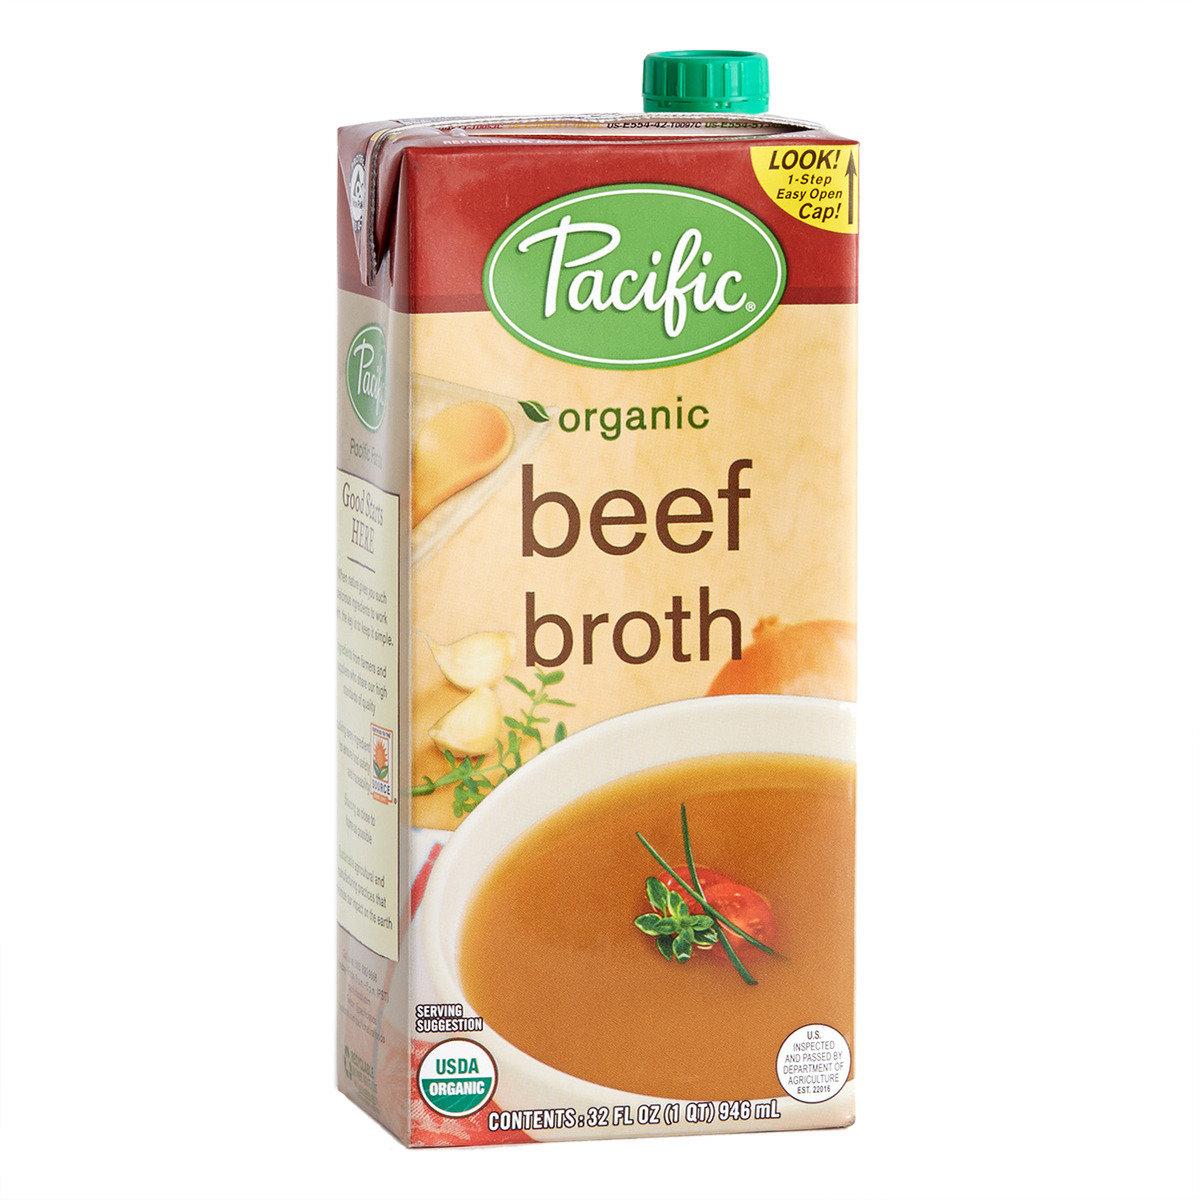 有機牛肉清湯